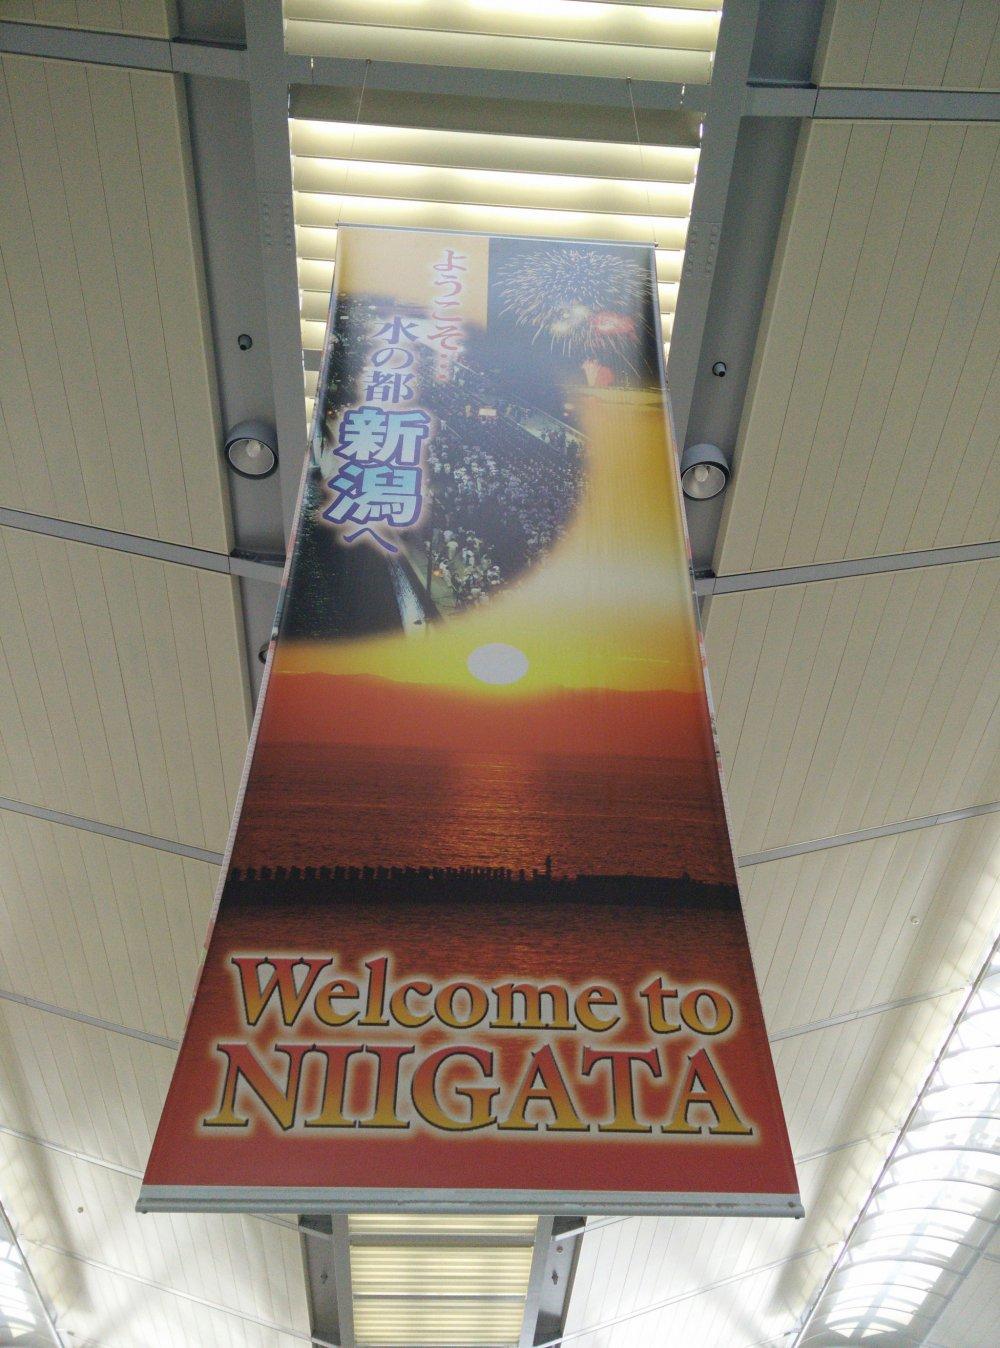 니이가타에 오신걸 환영한다!